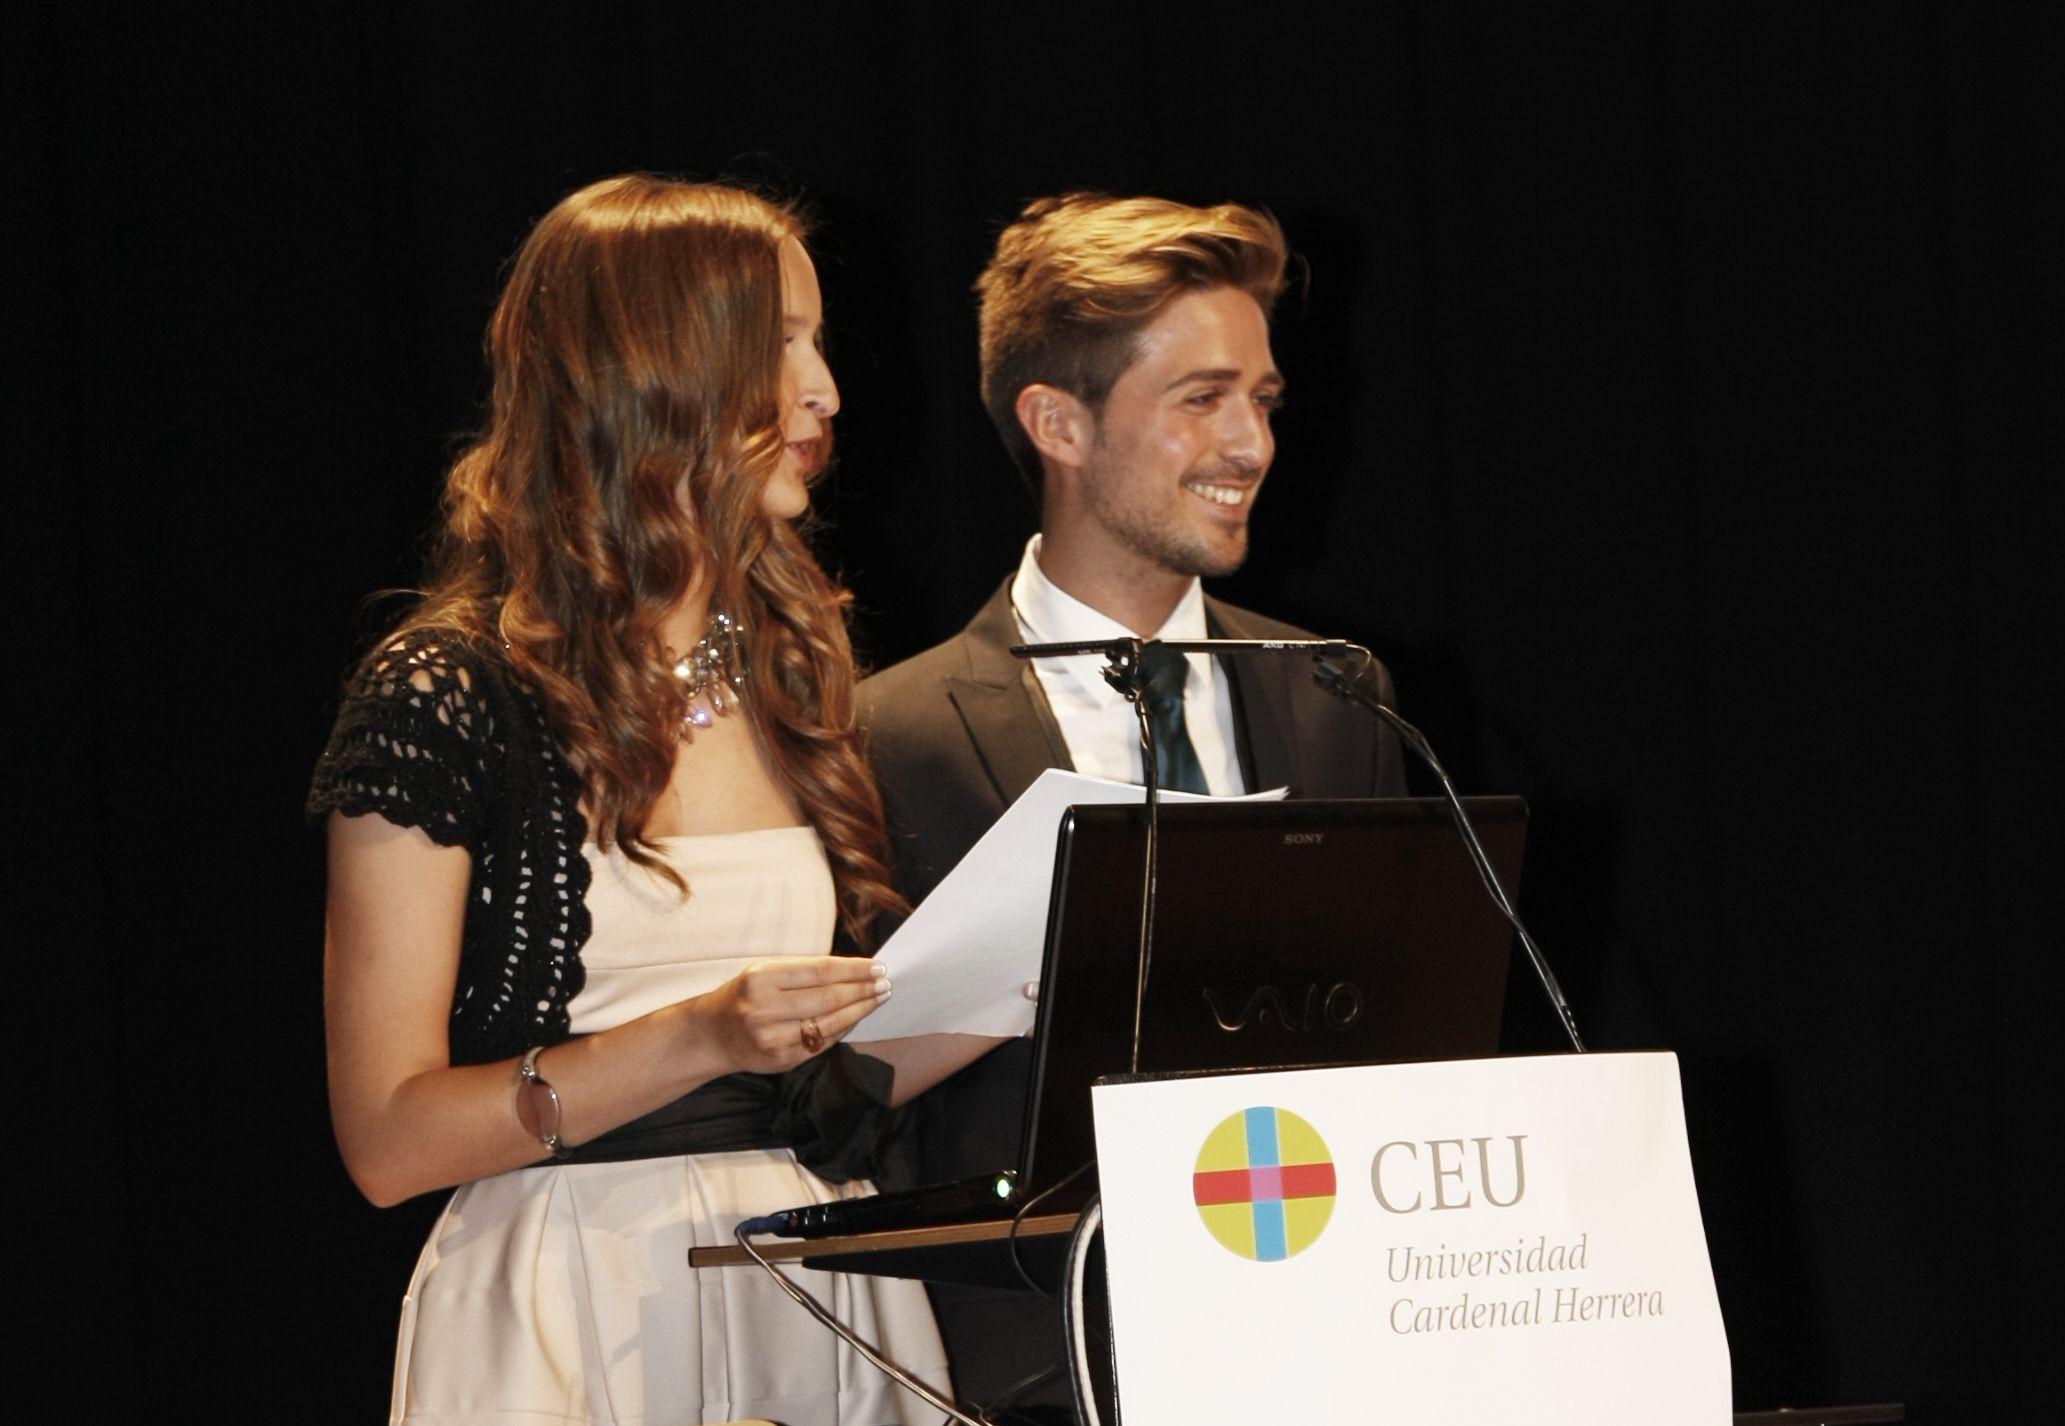 Víctor Romero y su compañera de estudios Carla Ruiz intervinieron en el acto de imposición de becas a la VIII Promoción de Arquitectura, en representación de sus compañeros.